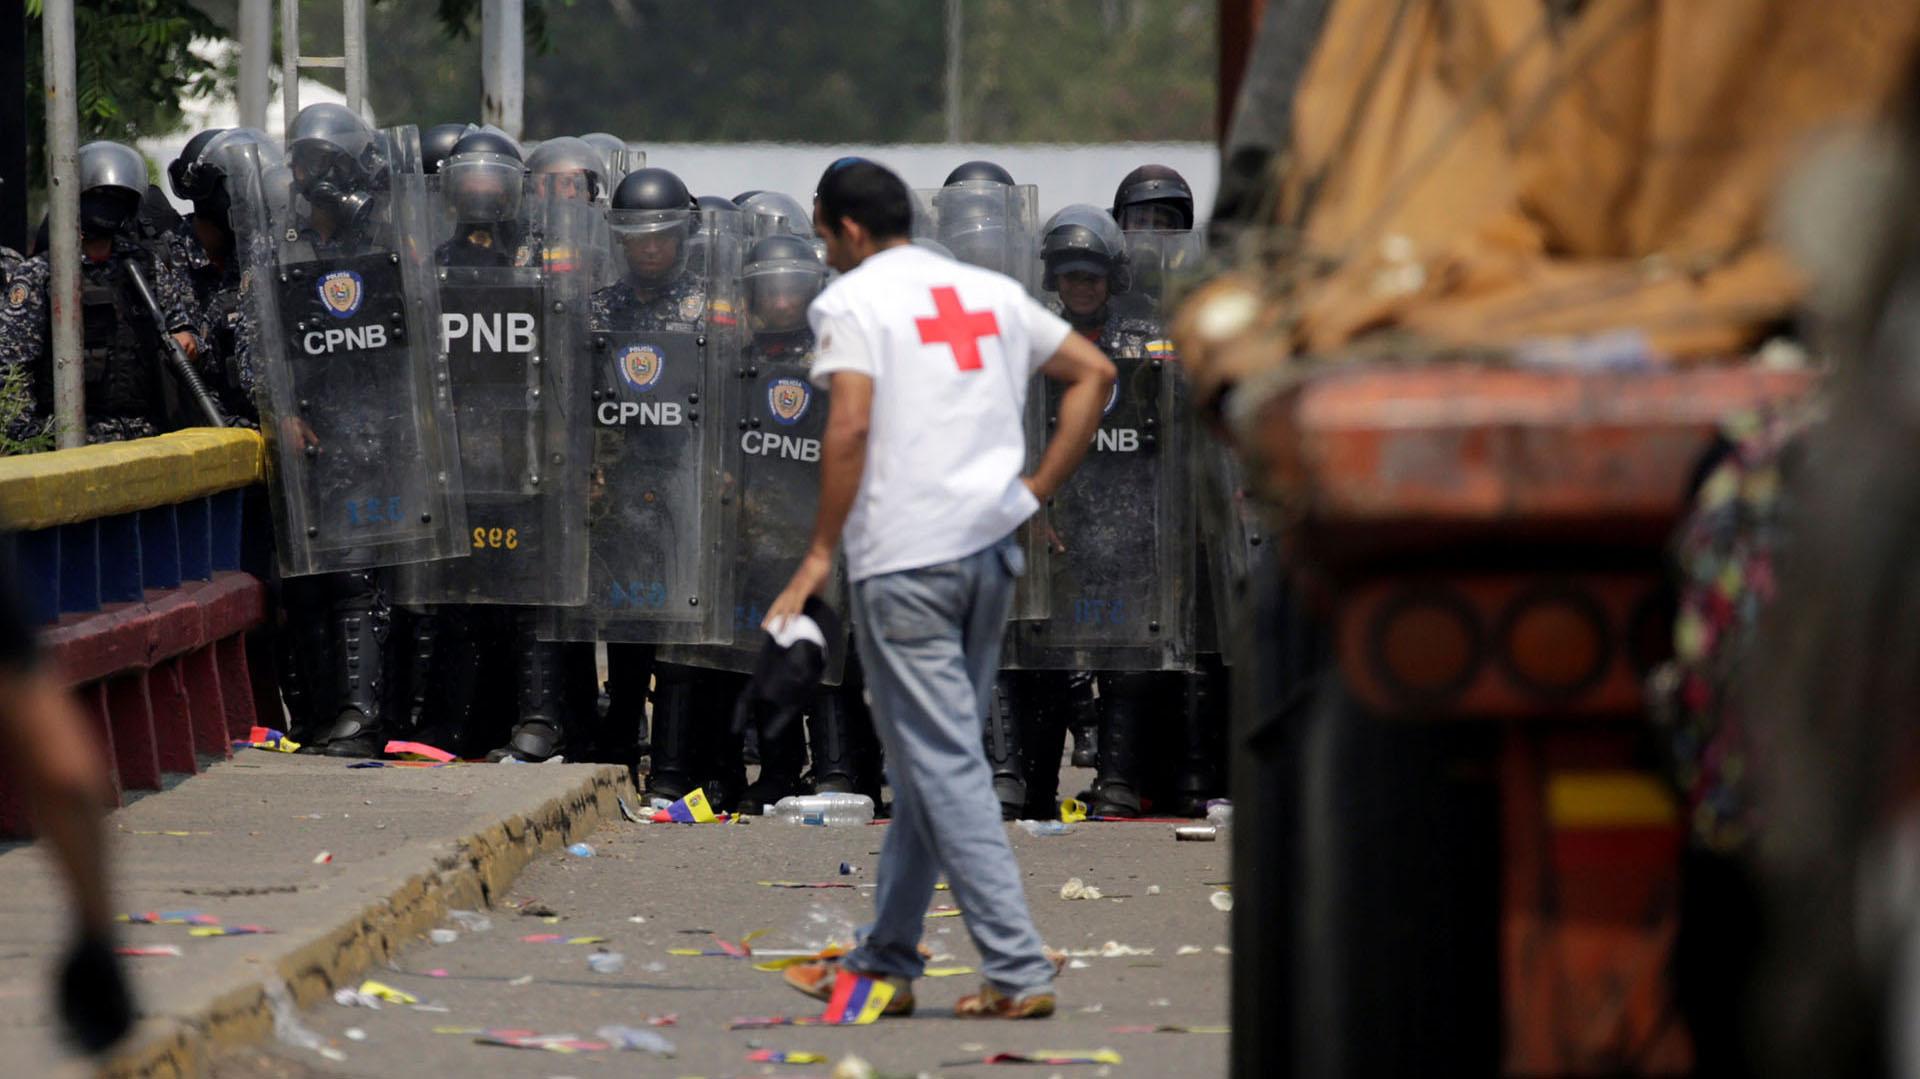 Las fuerzas de seguridad de Venezuela bloquean el puente Francisco de Paula Santander en la frontera entre Colombia y Venezuela cuando los camiones que transportan ayuda humanitaria para Venezuela intentan cruzar, como se ve desde Cúcuta (Reuters)